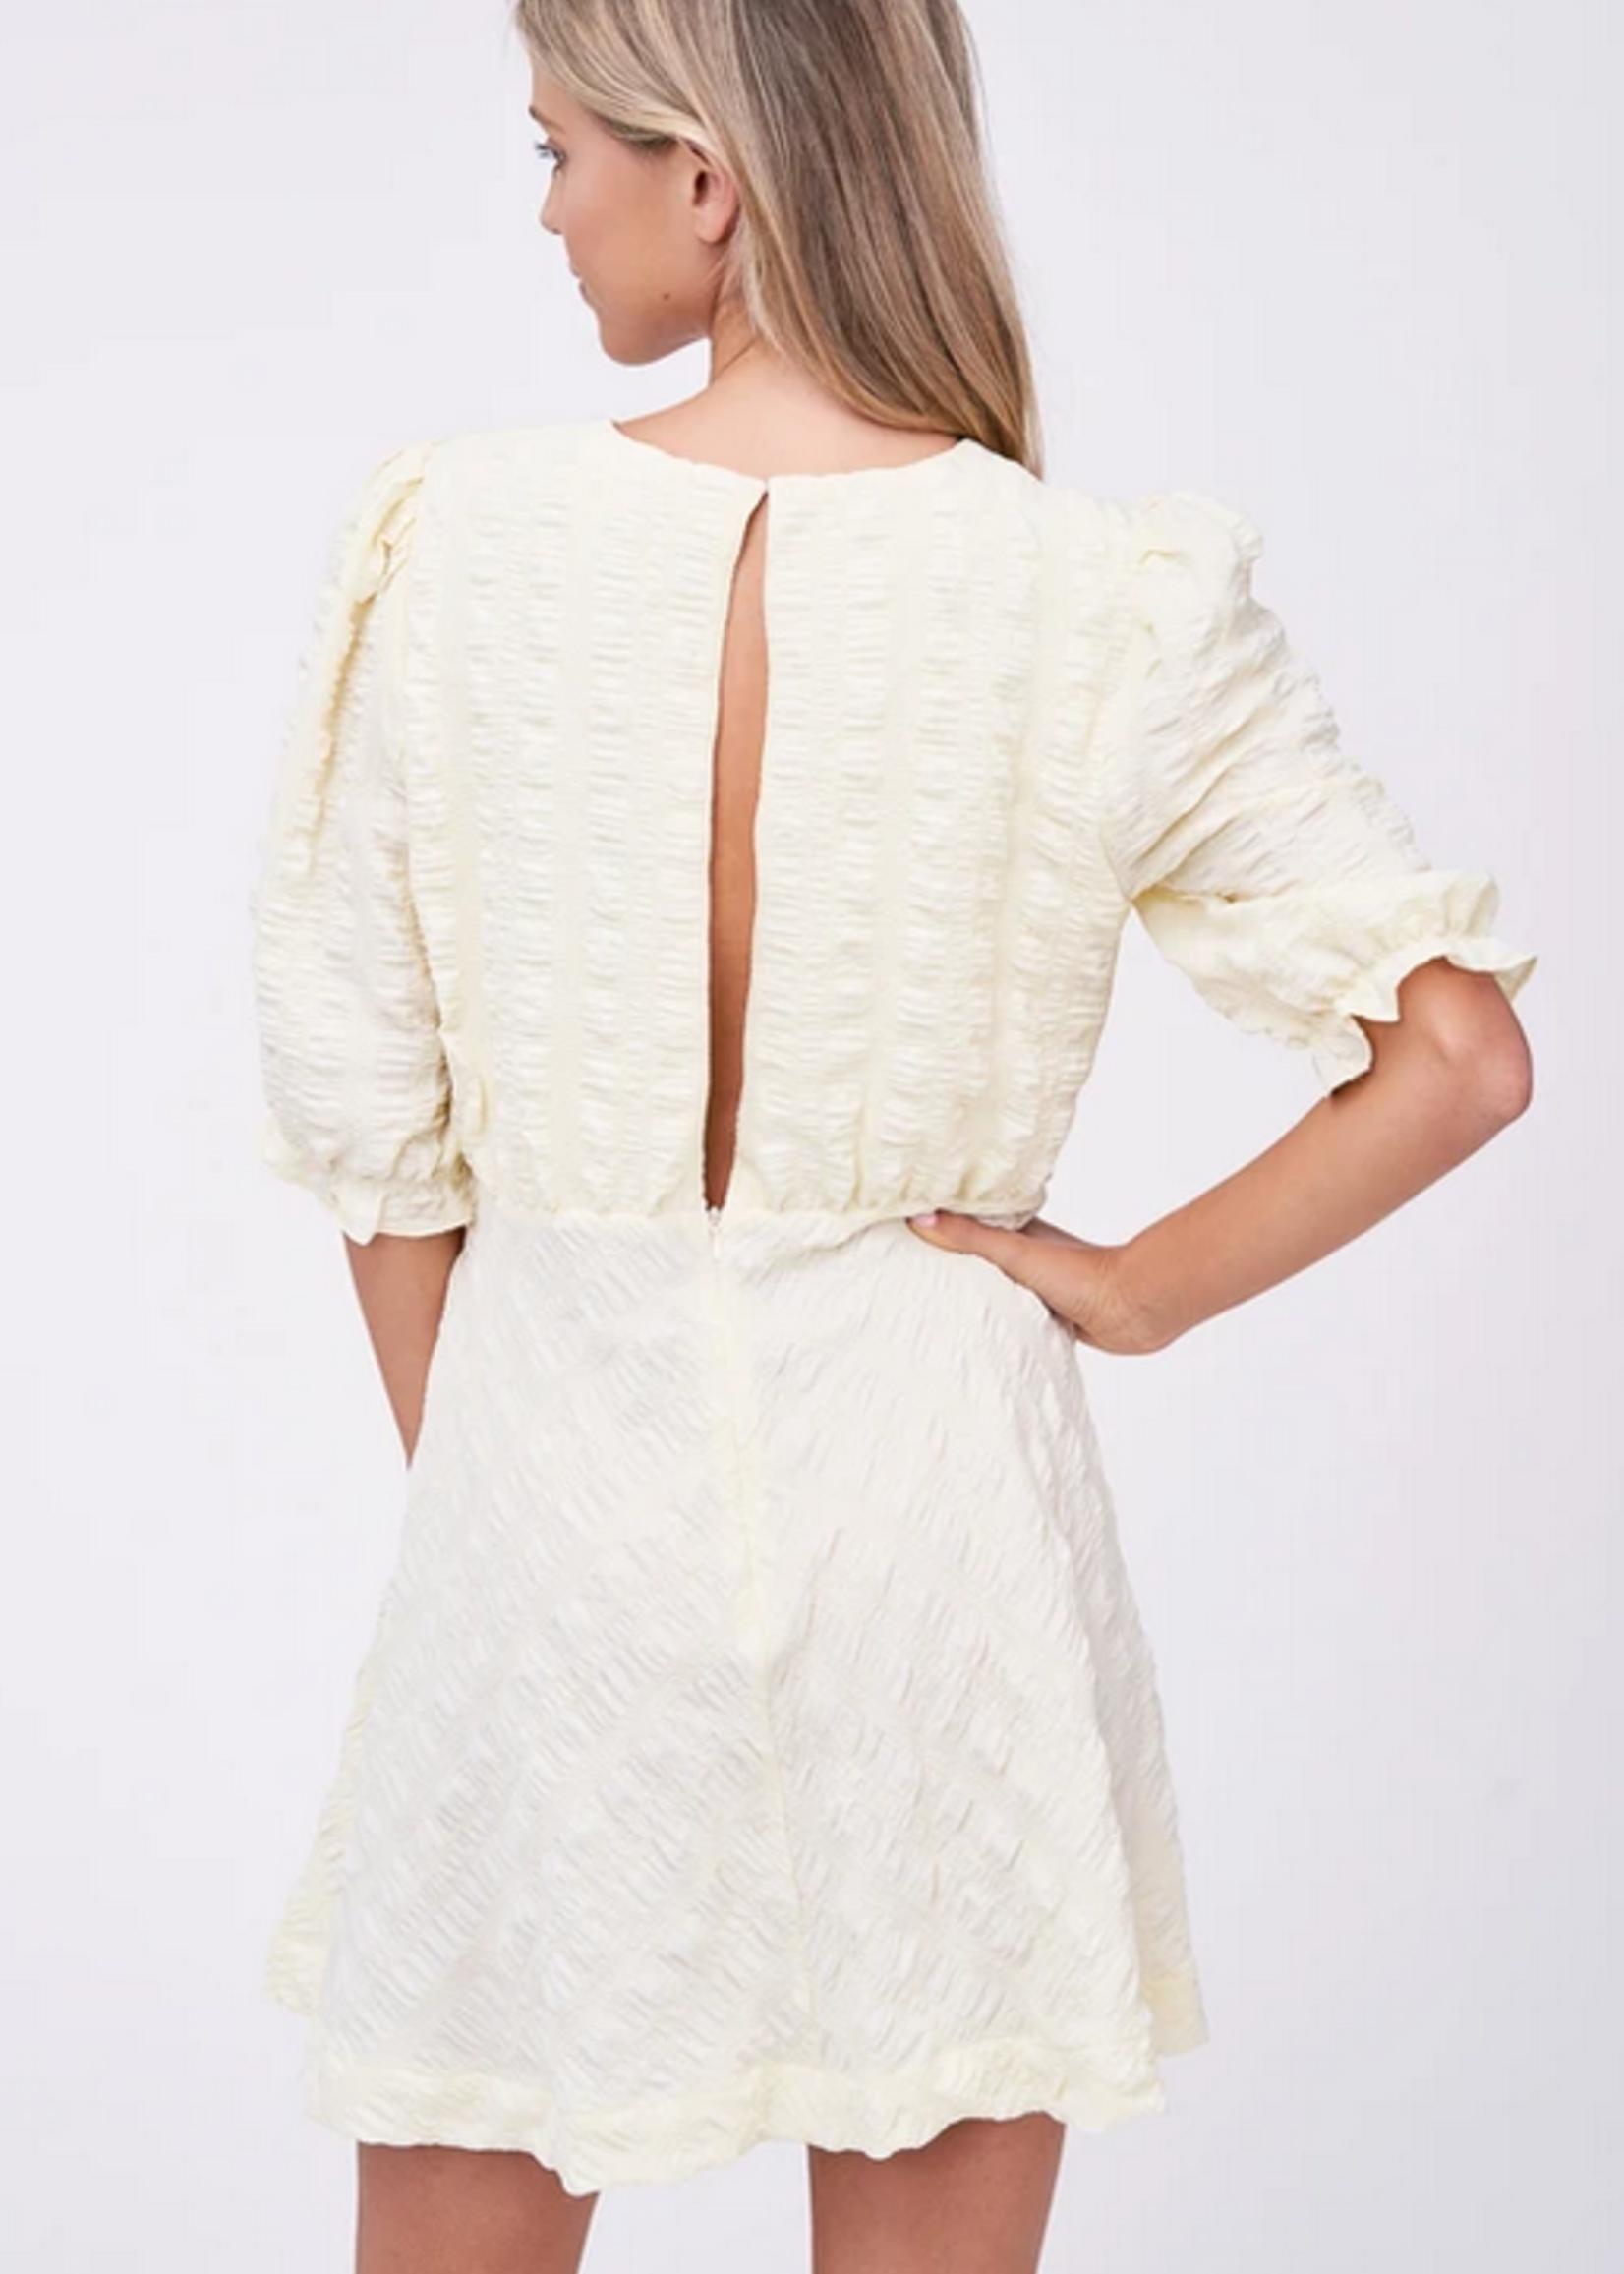 Elitaire Boutique Marigold Dress